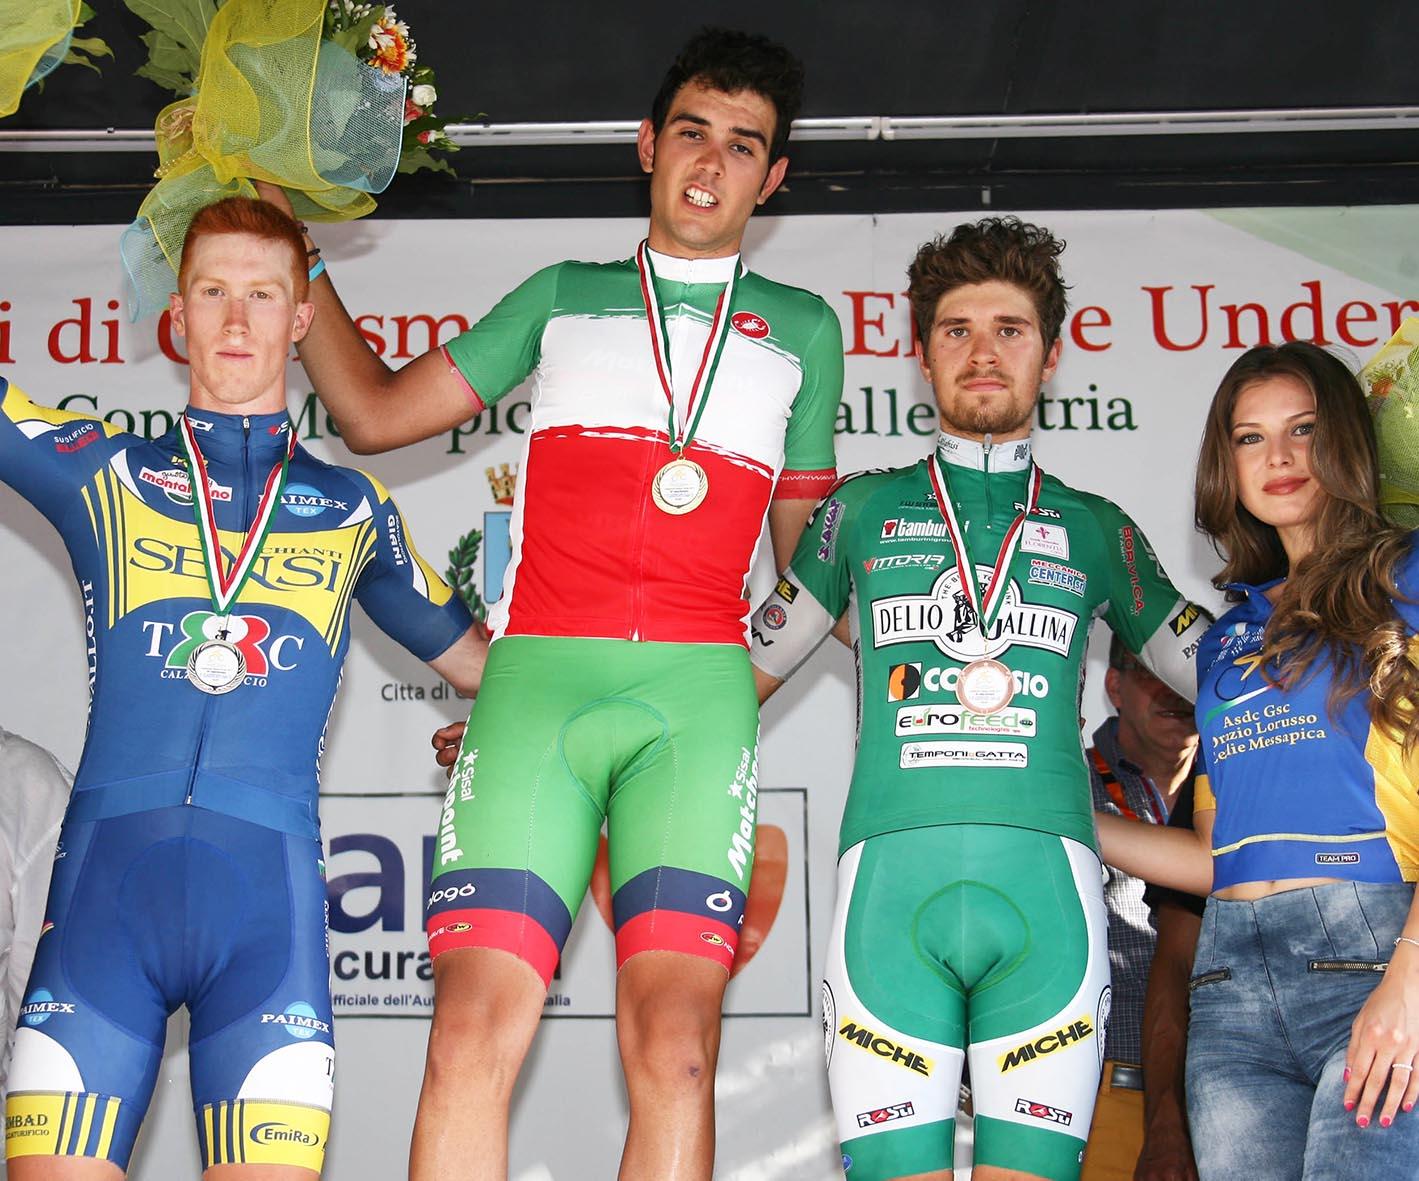 Matteo Moschetti campione italiano Under 23 2017 a Ceglie Messapica